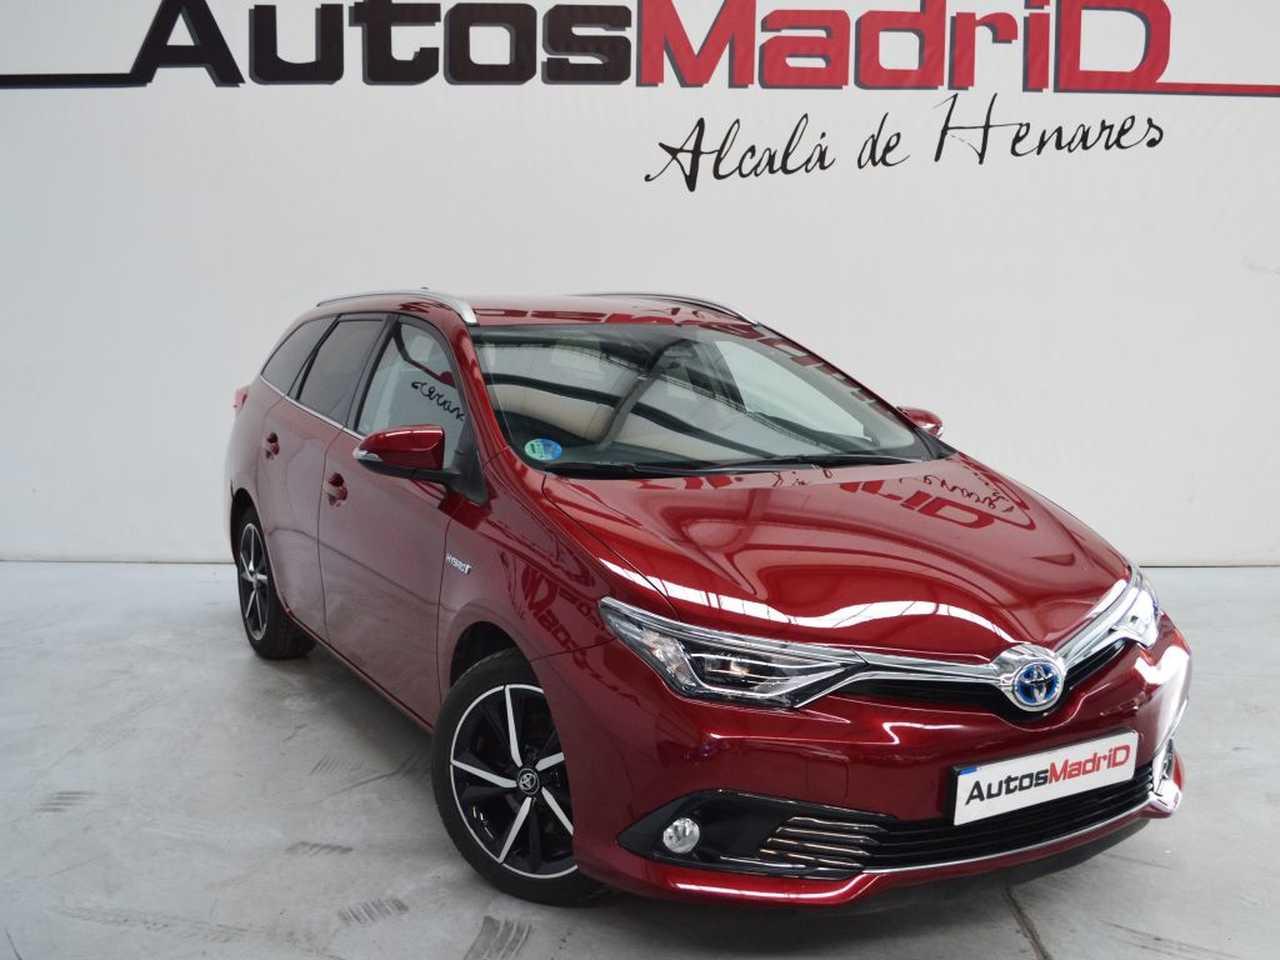 Toyota Auris Híbrido (Gasolina) en Alcalá de Henares